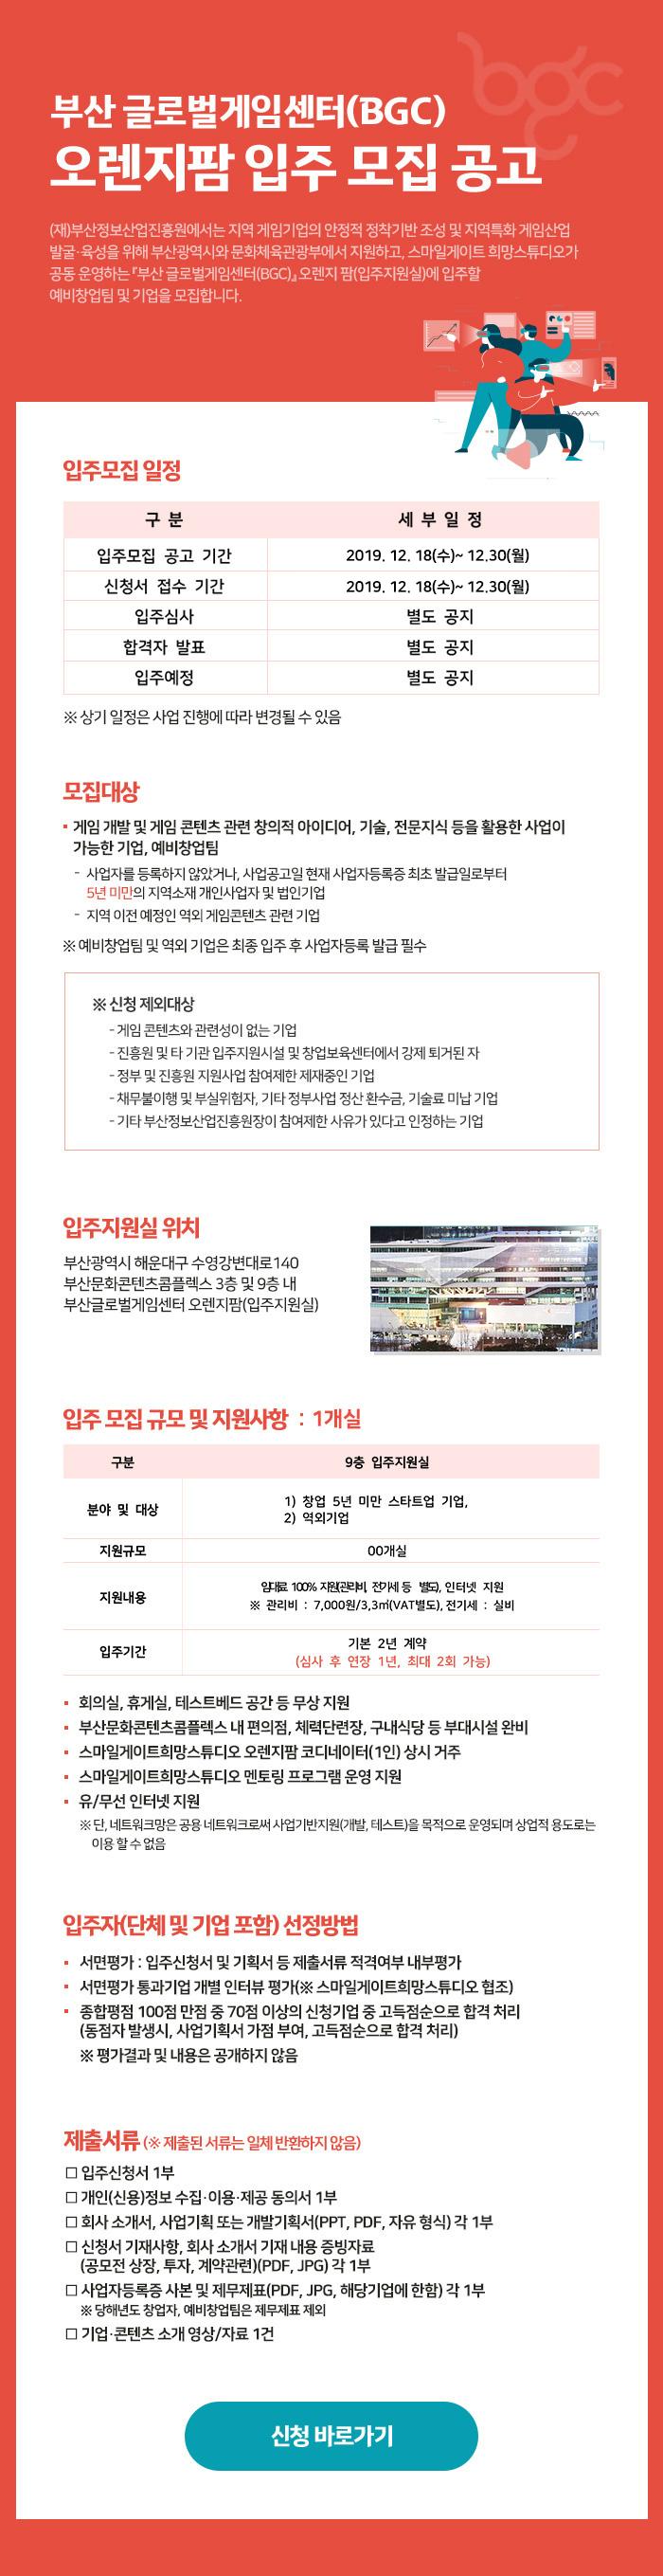 부산글로벌게임센터 오렌지팜 입주 모집 공고 (~30일)